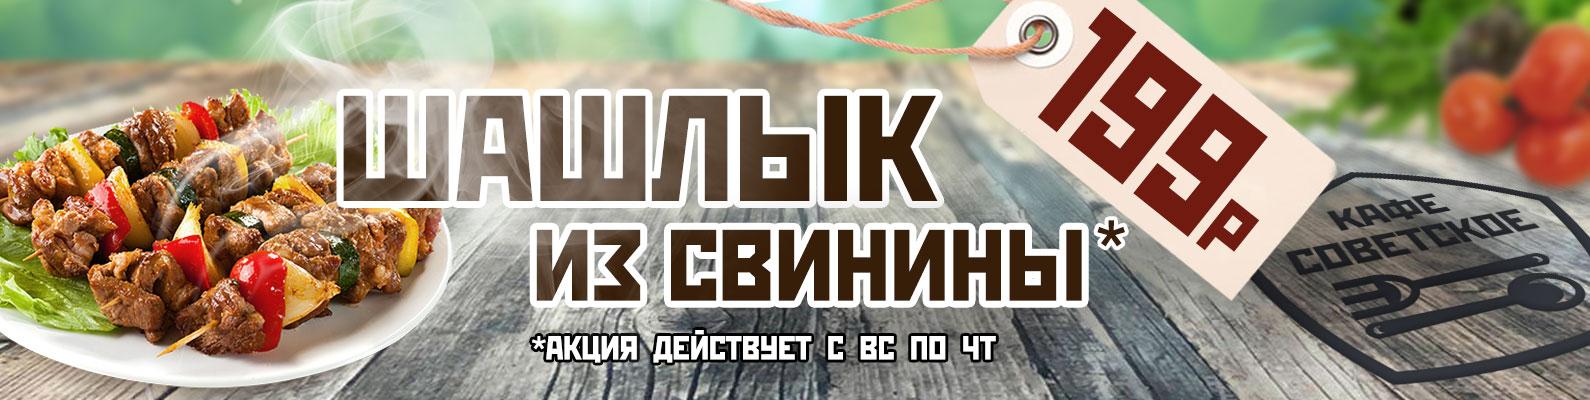 совтеское-вк